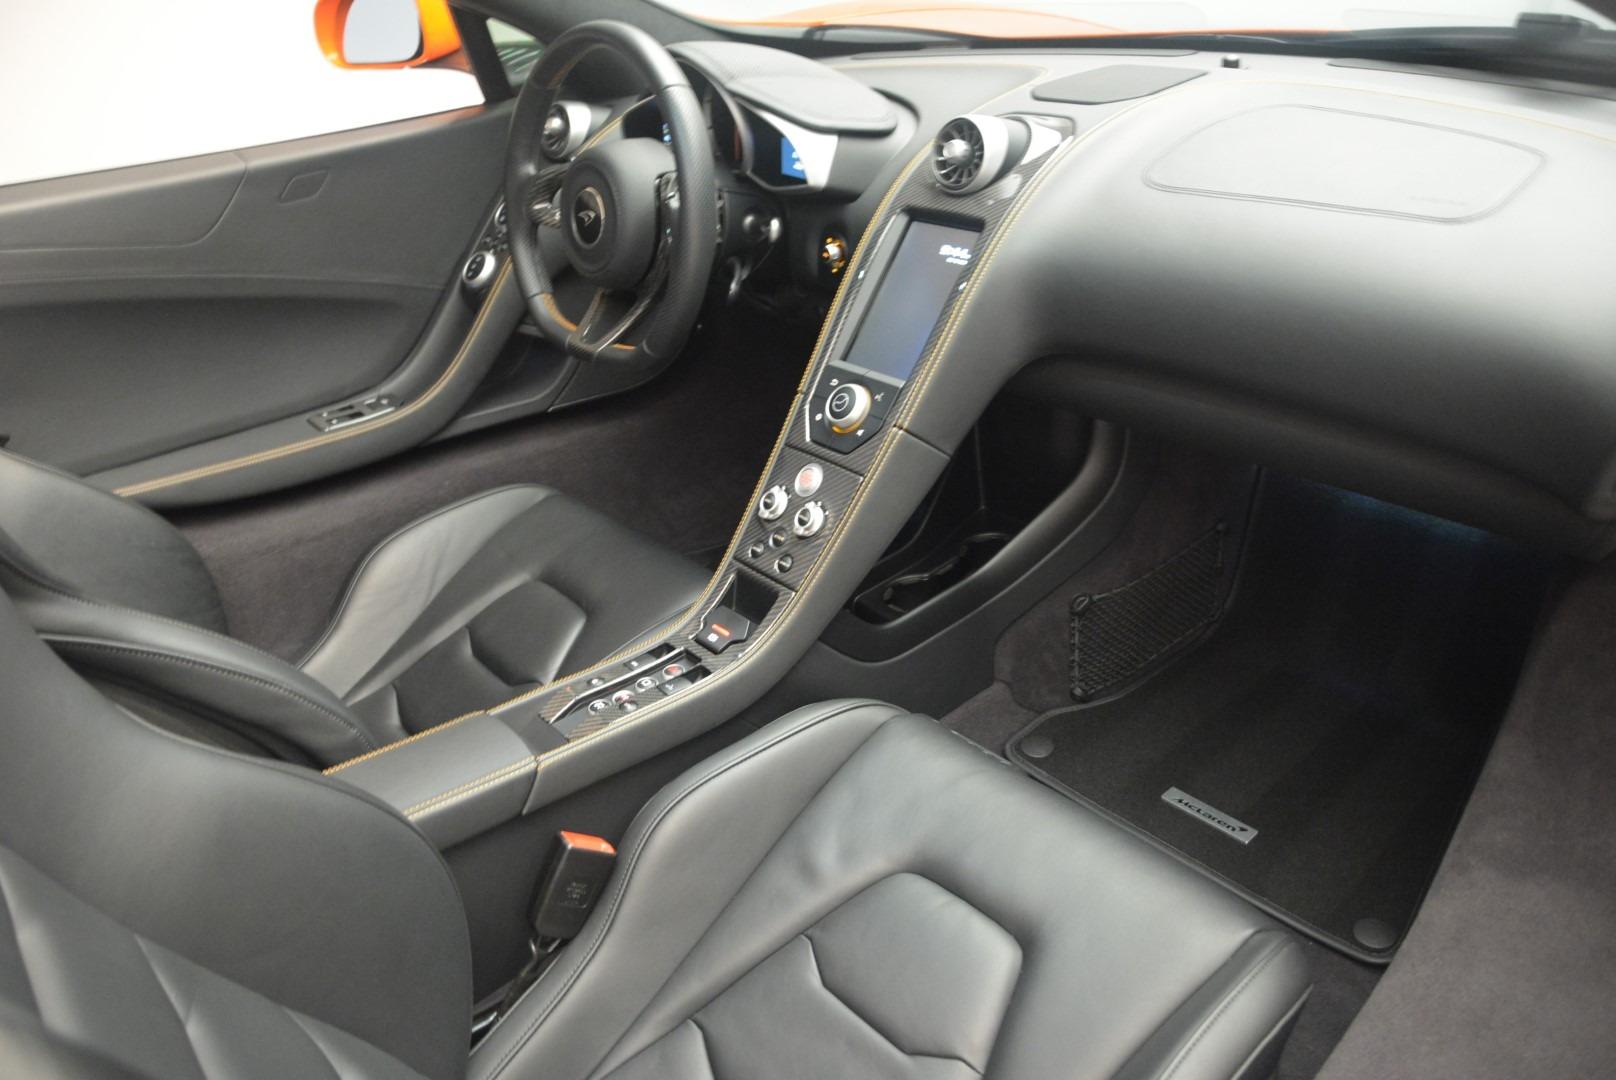 Used 2015 McLaren 650S Spider For Sale In Westport, CT 2338_p25